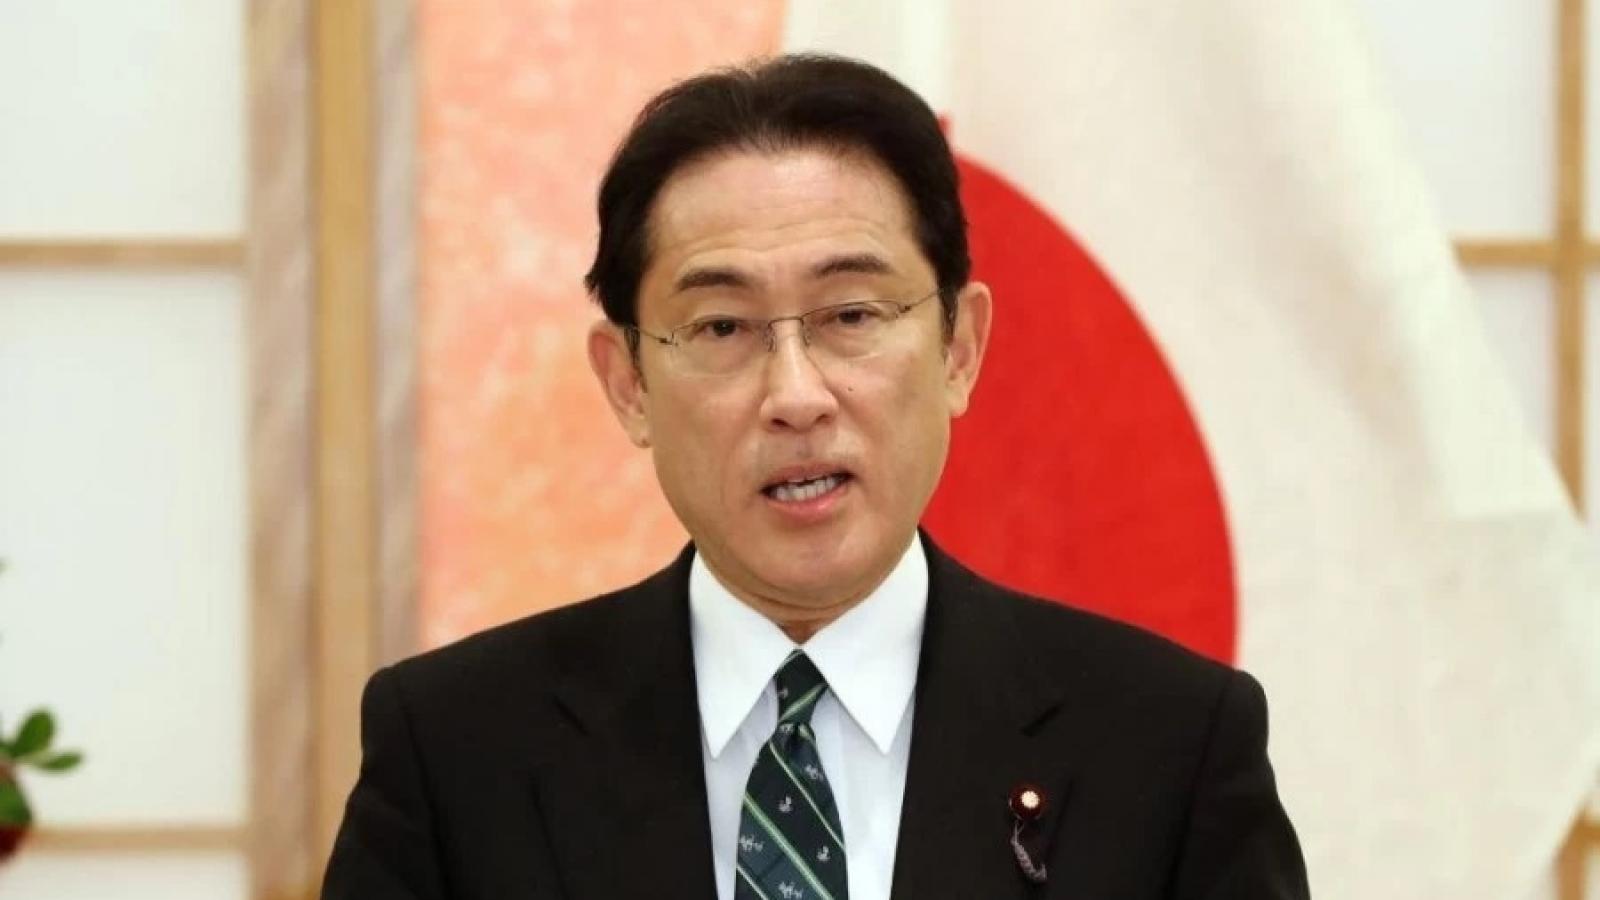 Thăm dò bầu cử Hạ viện Nhật Bản: 30% bầu cử cho đảng LDP